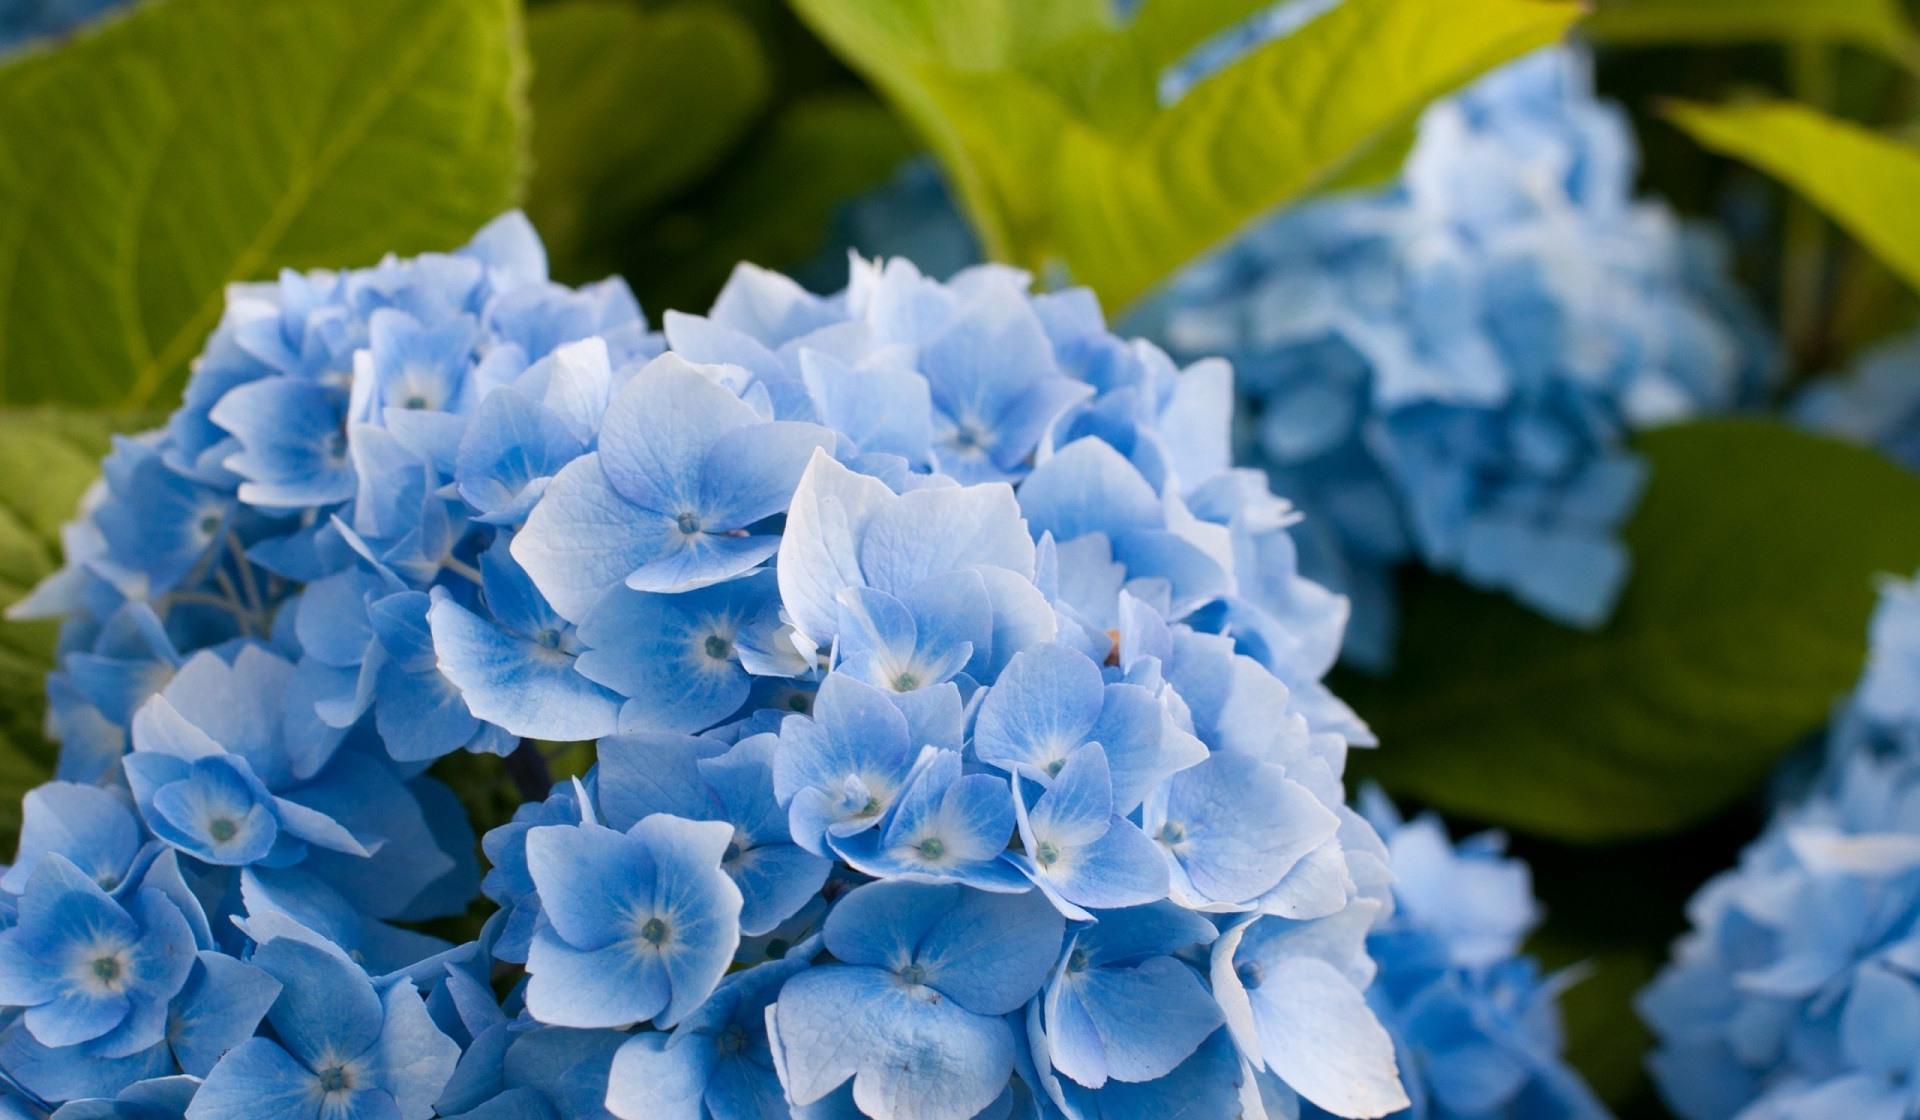 развала основном фотографии синих цветов дом области